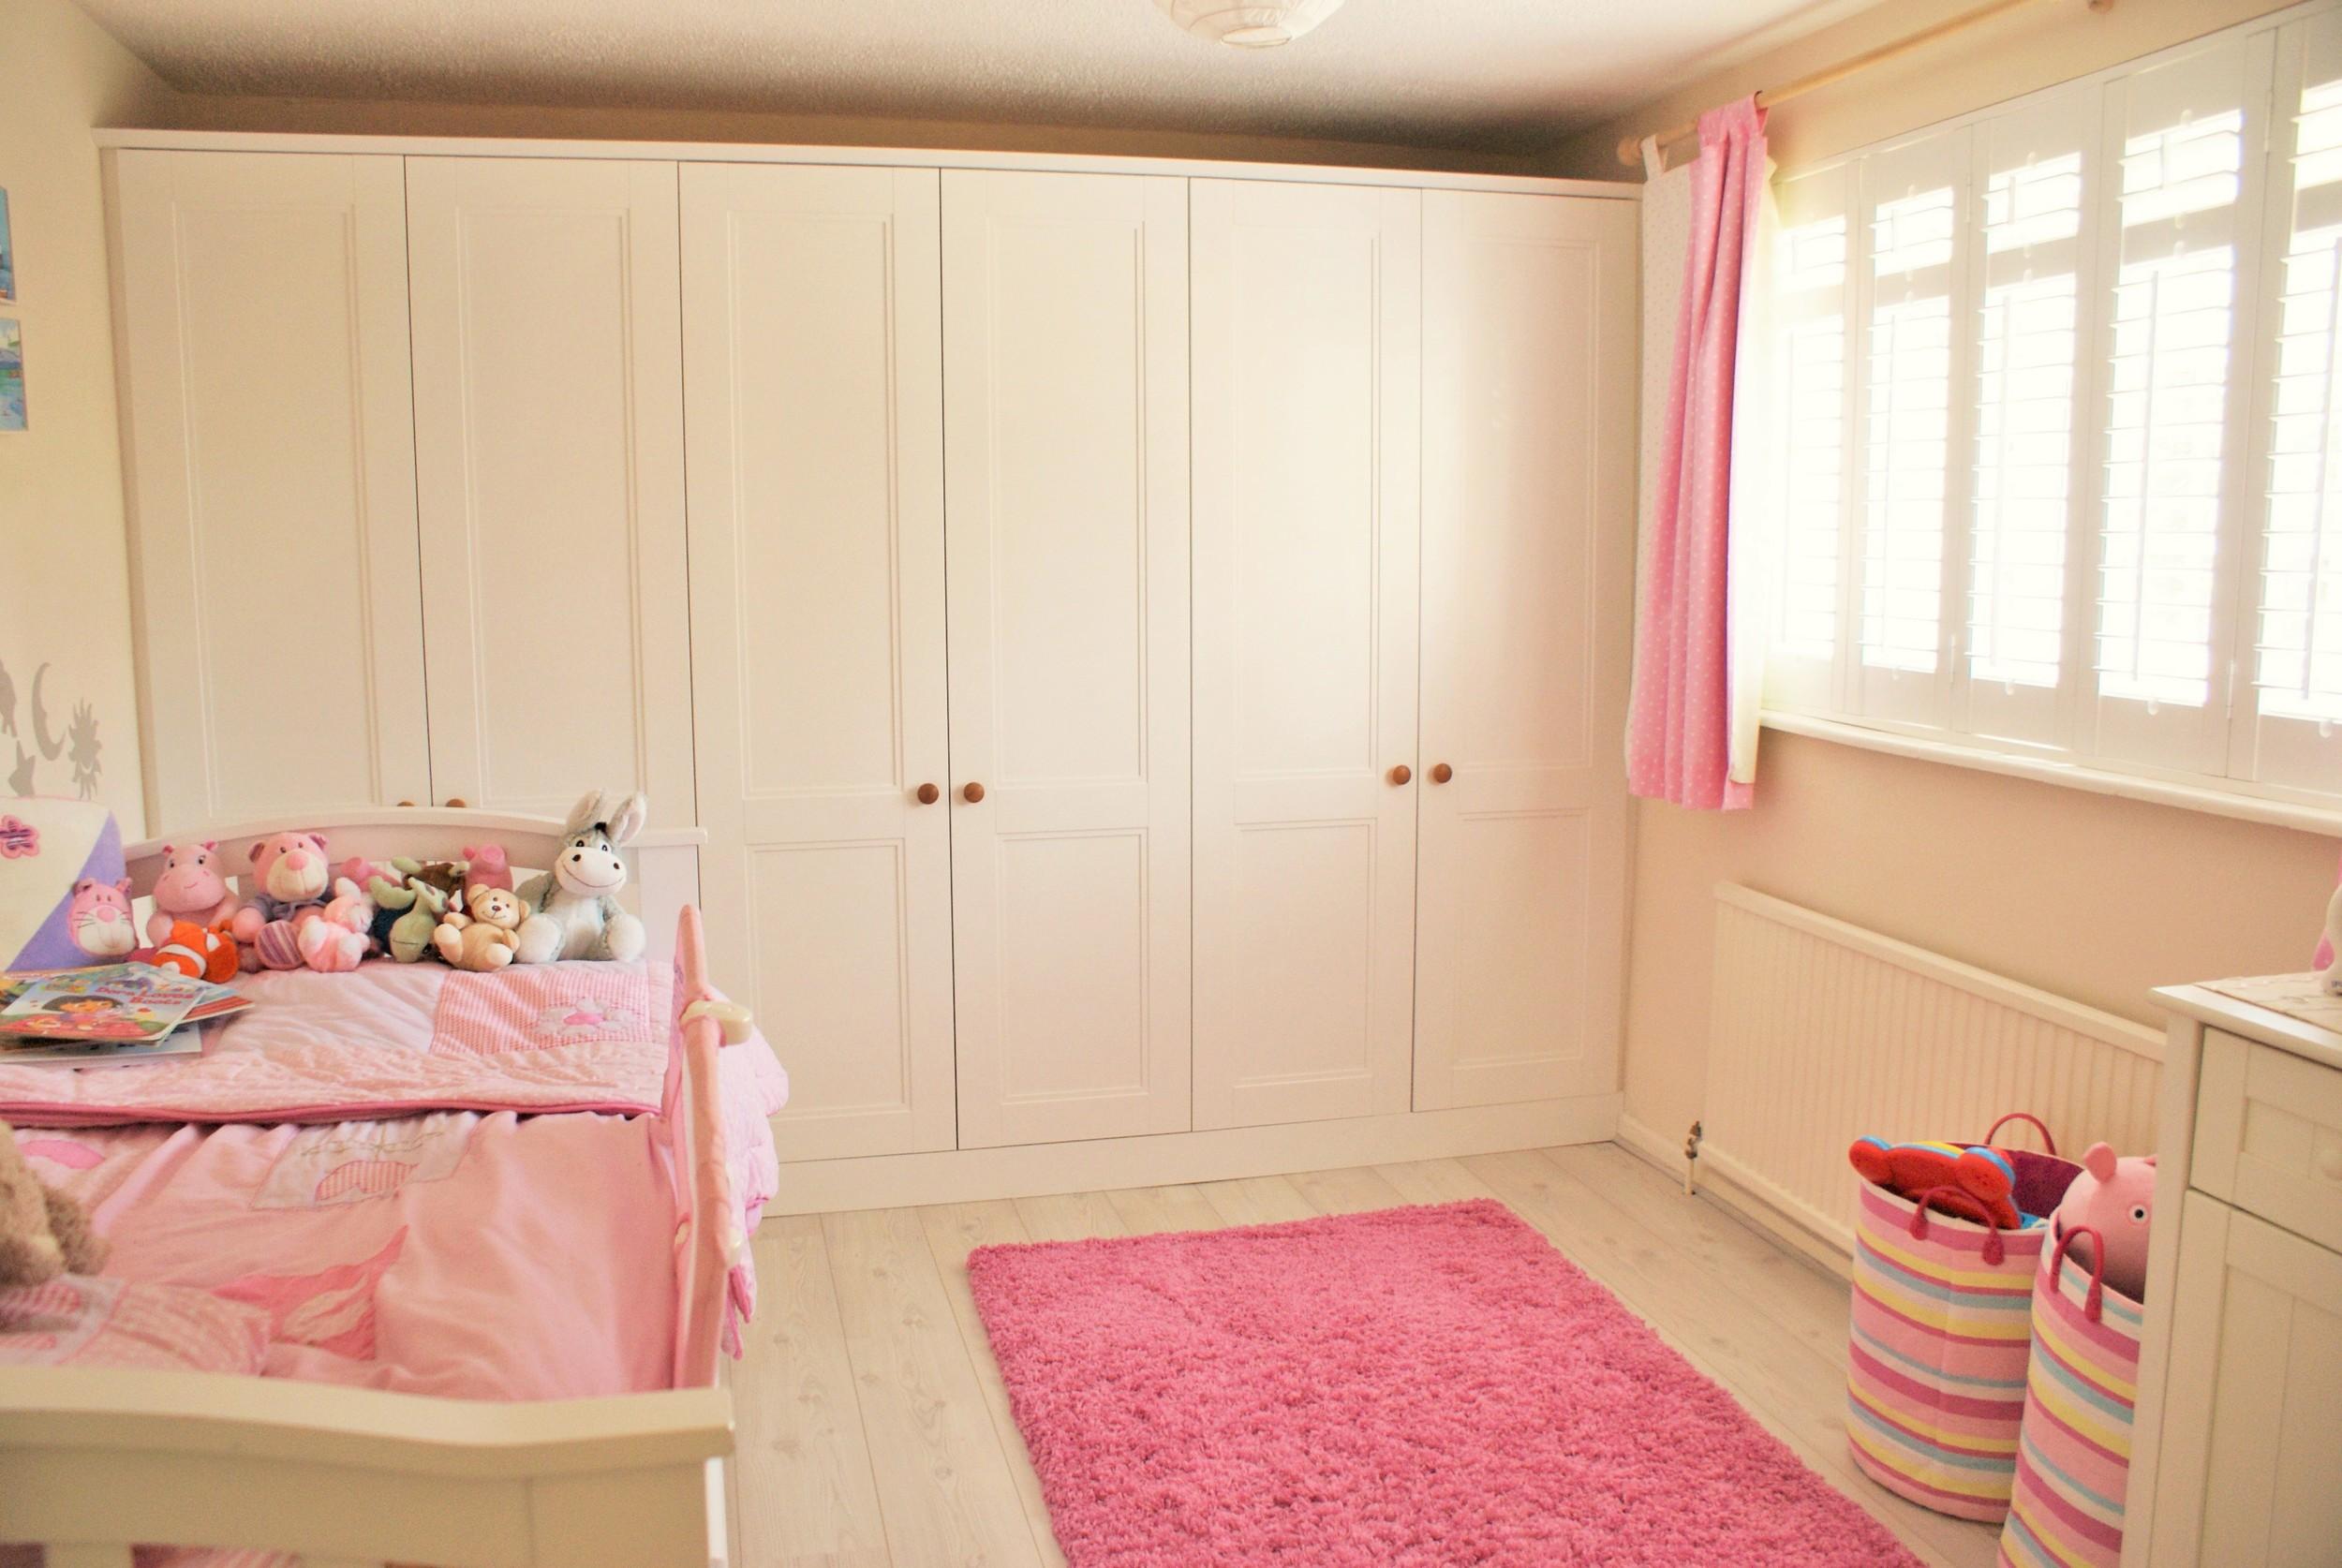 Girls-bedroom-ideas-white-wooden-shutters.JPG